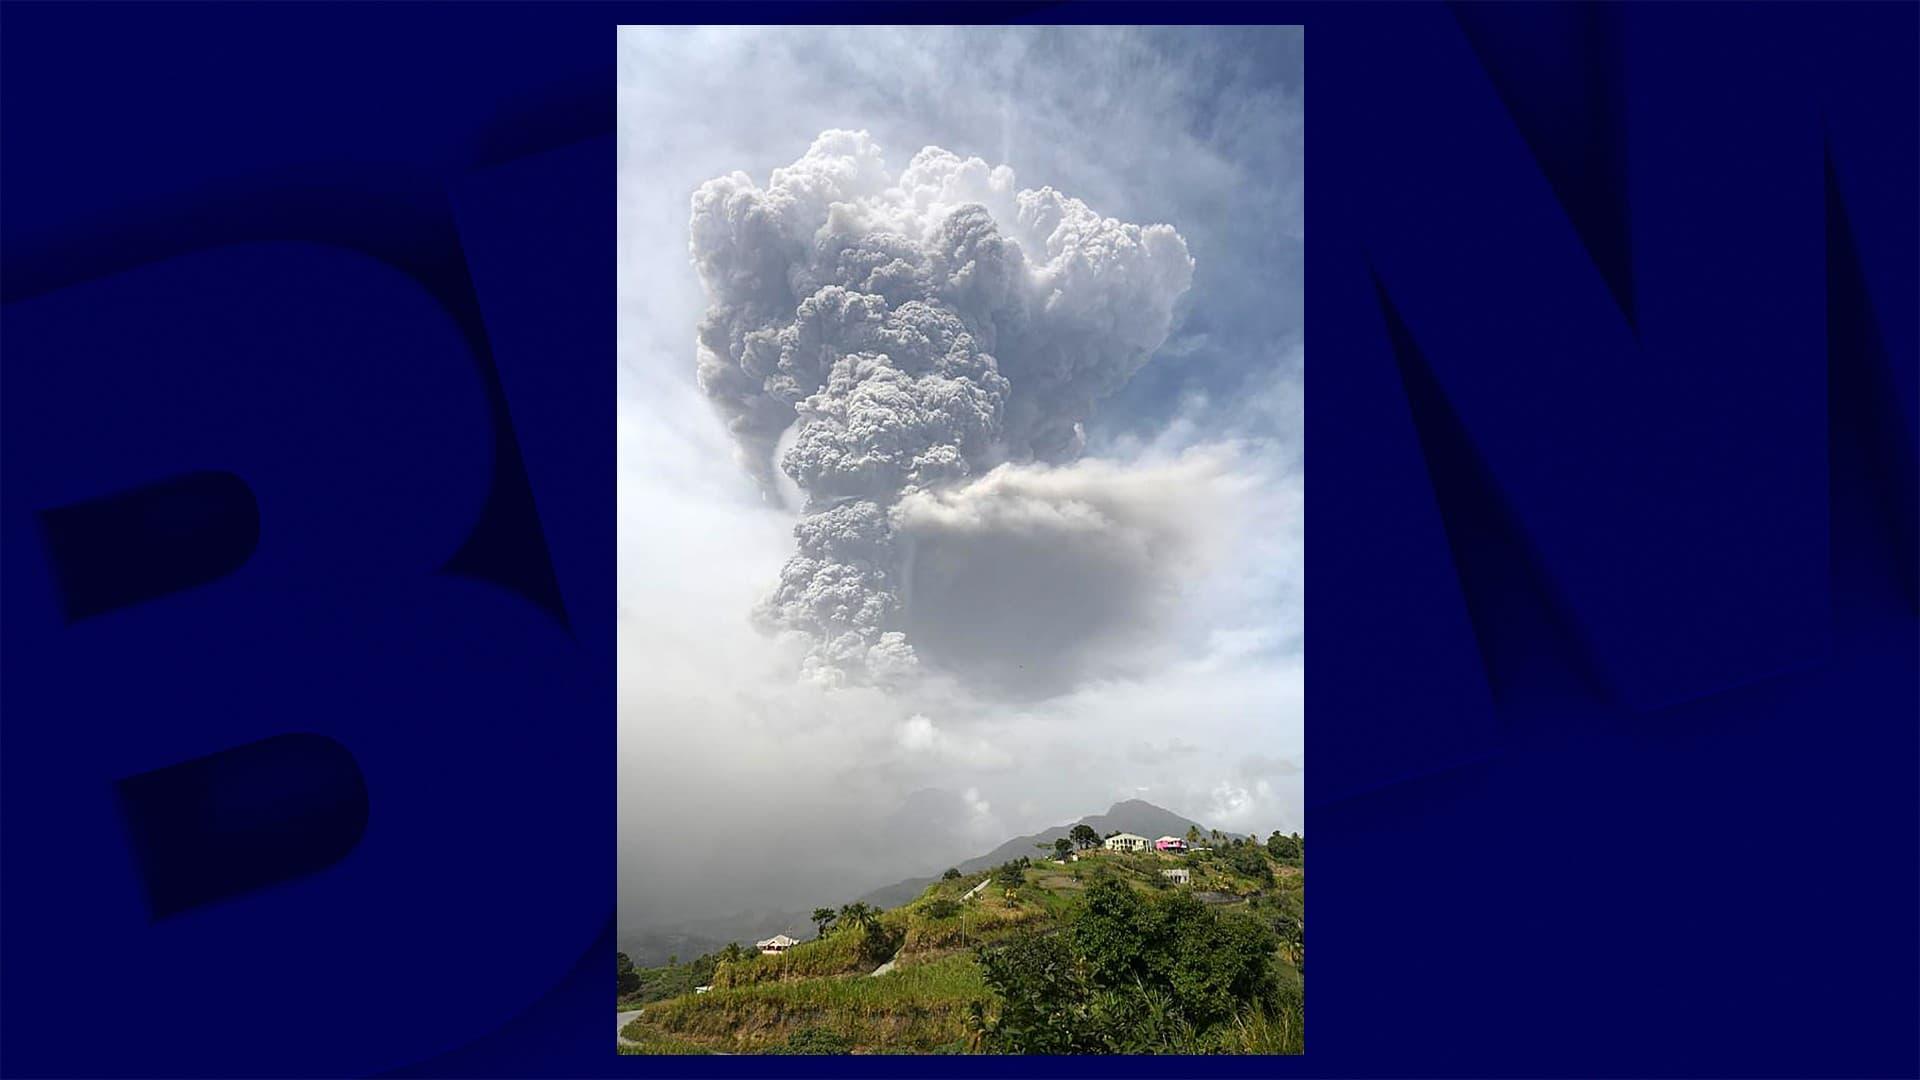 Aux Antilles, l'île de Saint-Vincent sous d'épaisses cendres après l'éruption de son volcan